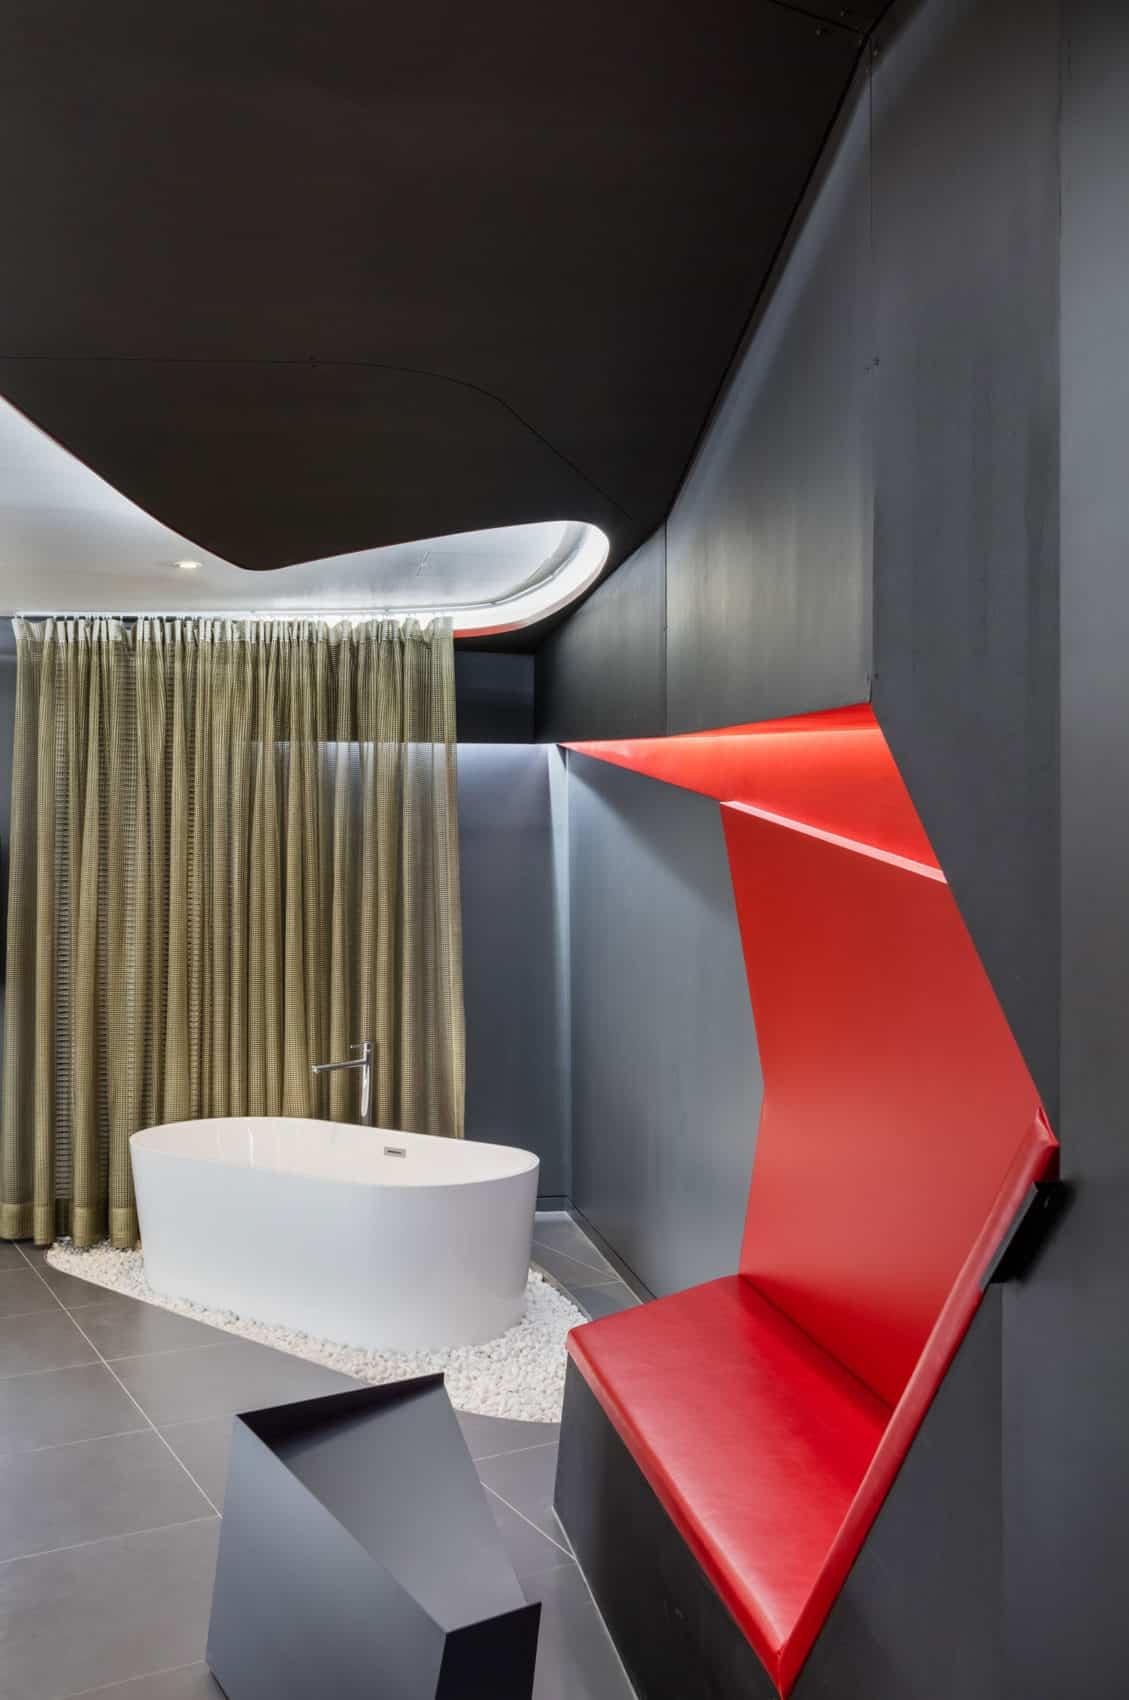 Hotel The Designers by Seungmo Lim (9)